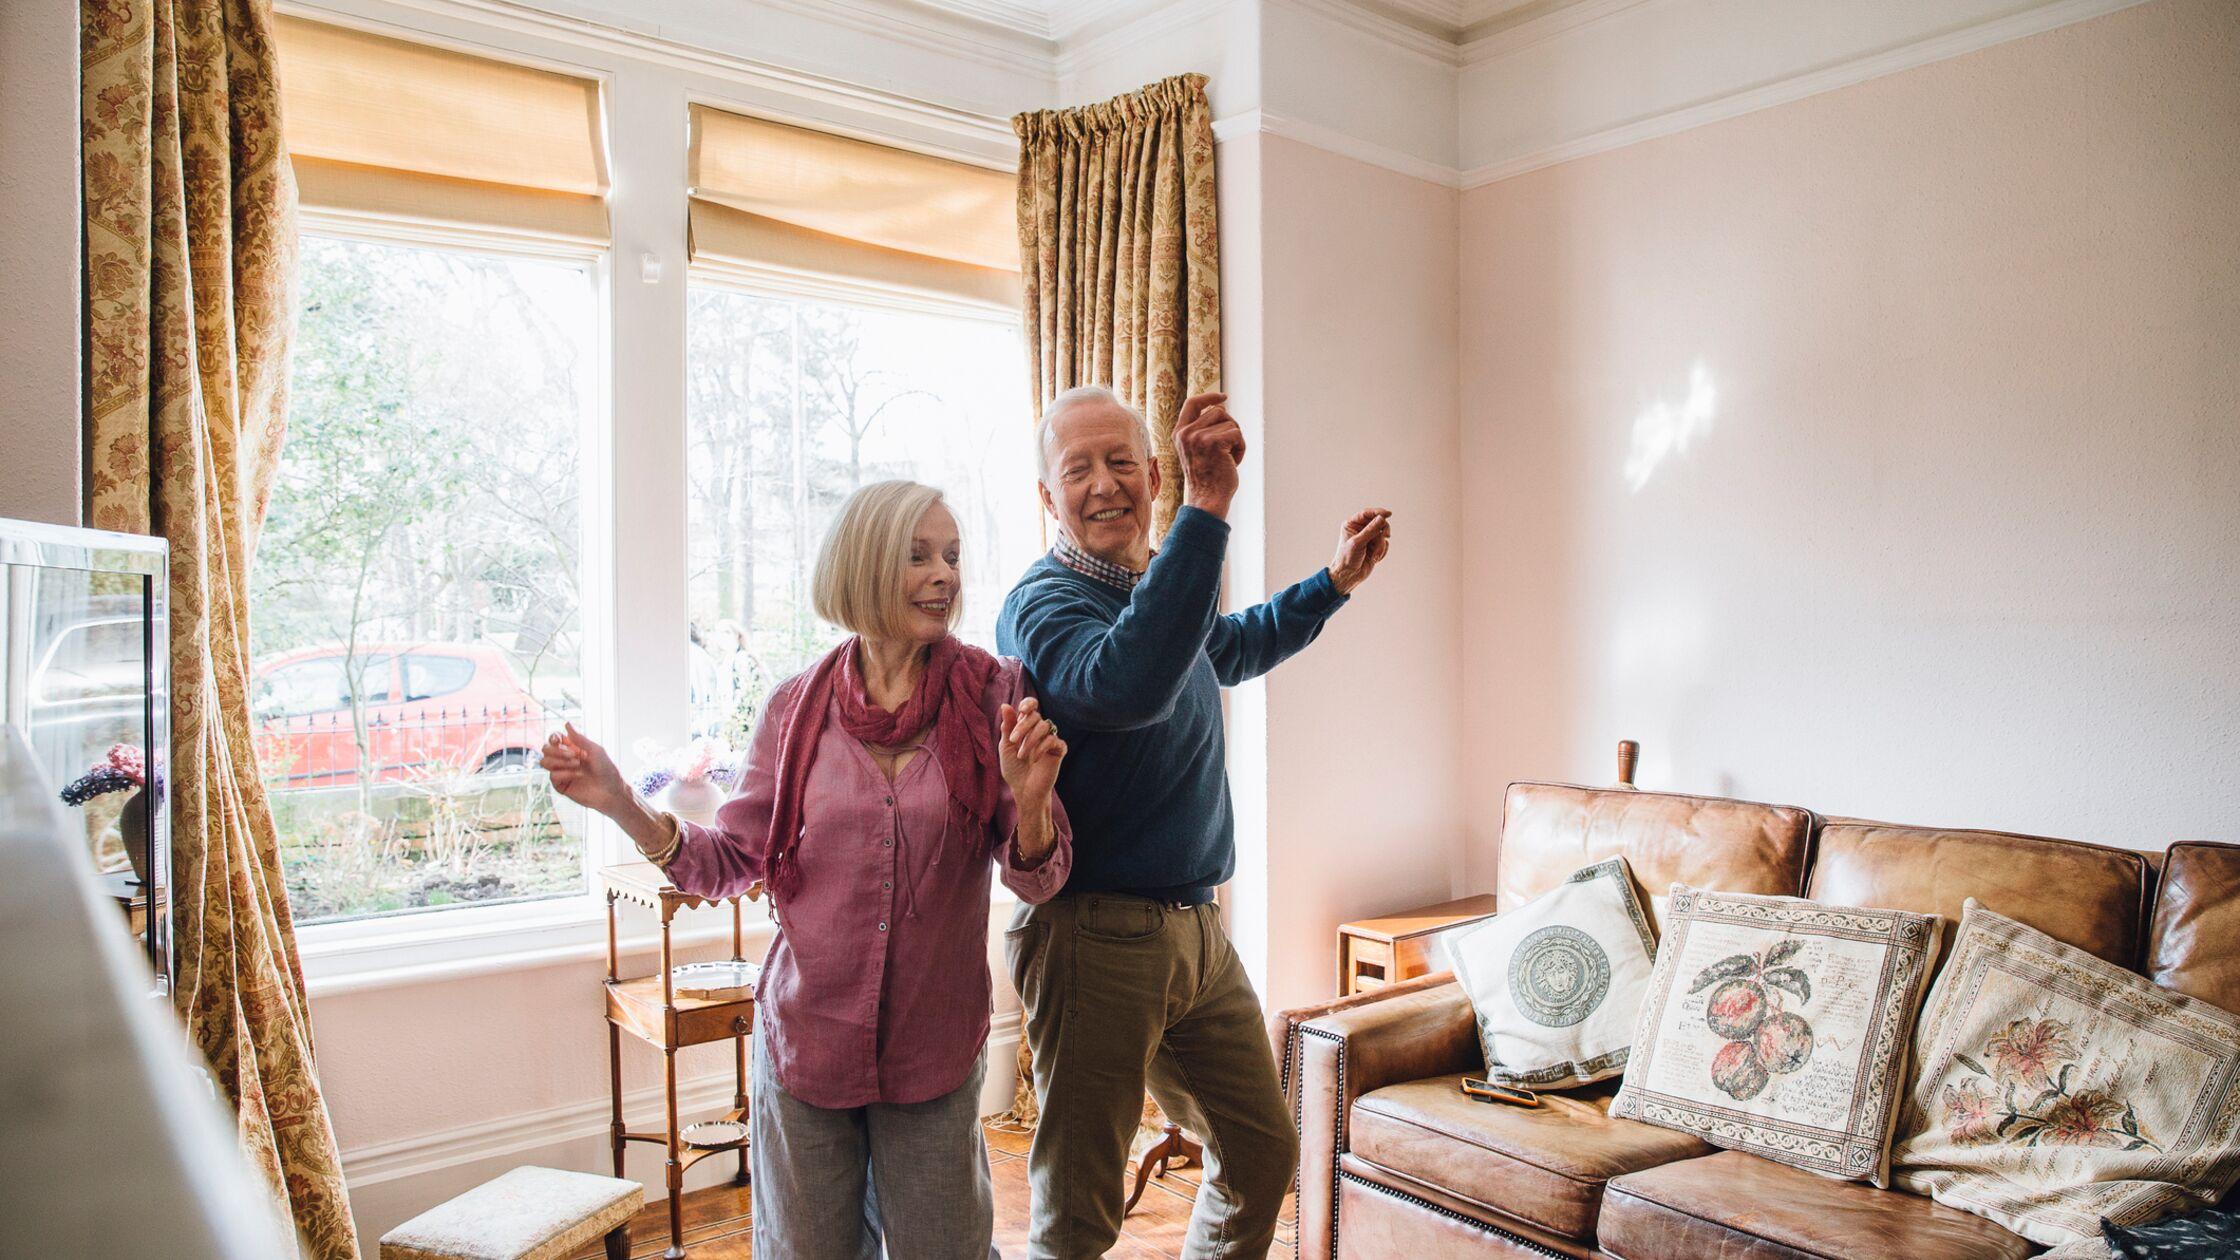 Rentner tanzen nach dem Umzug in der neuen Wohnung